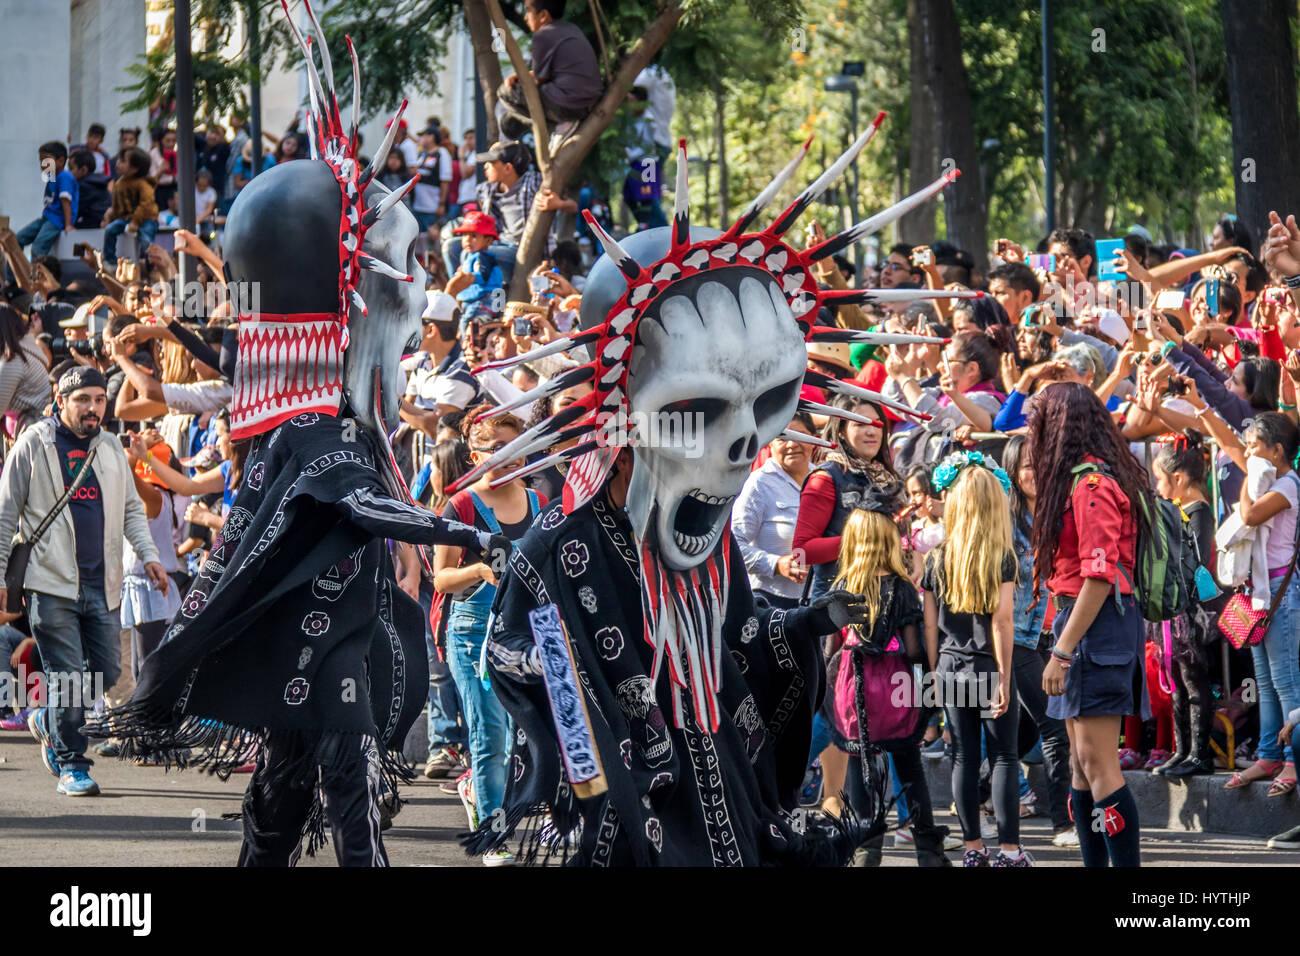 Day Of The Dead Dia De Los Muertos Parade In Mexico City